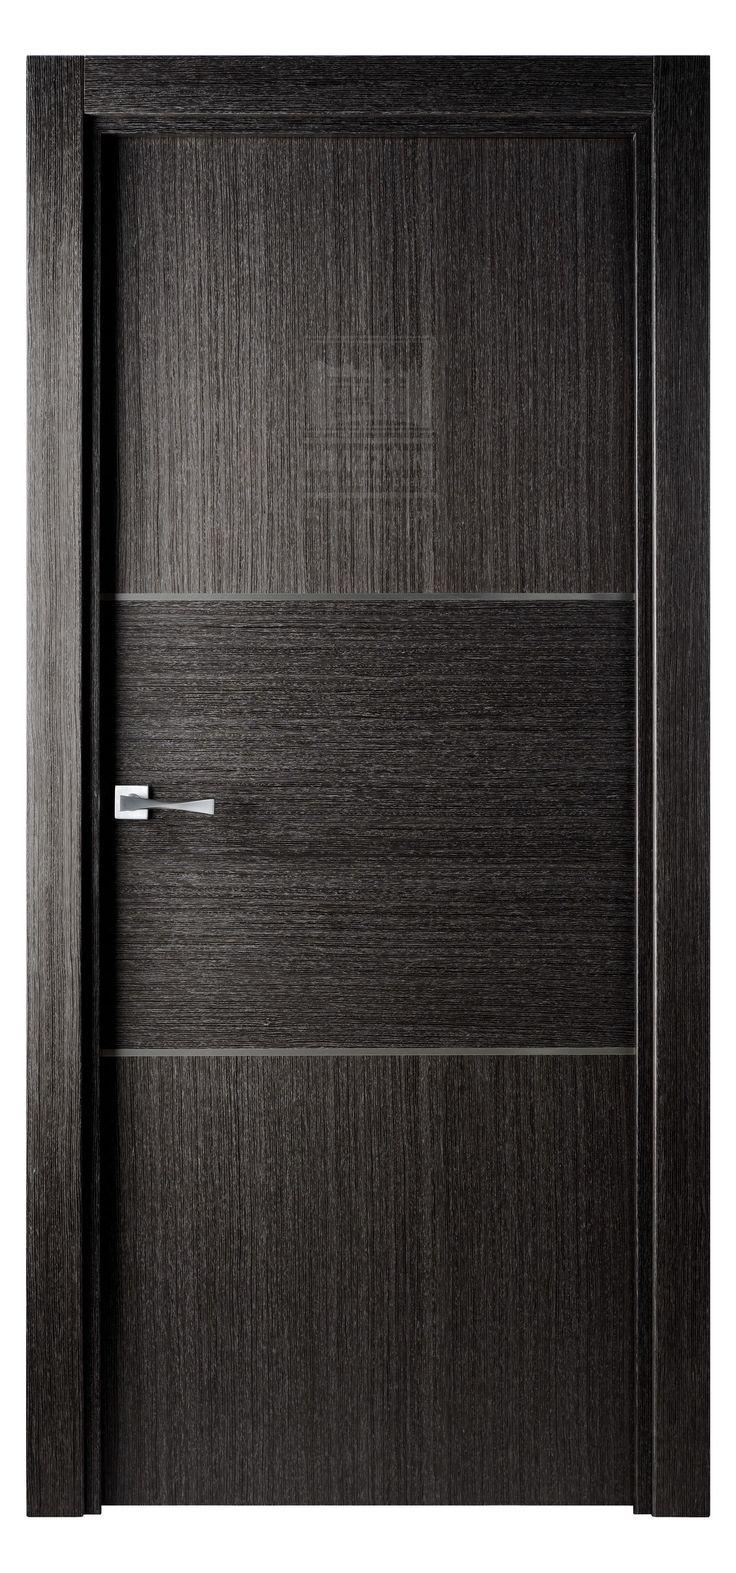 Moderne helle innentüren  Die besten 25+ Dunkle innentüren Ideen nur auf Pinterest ...